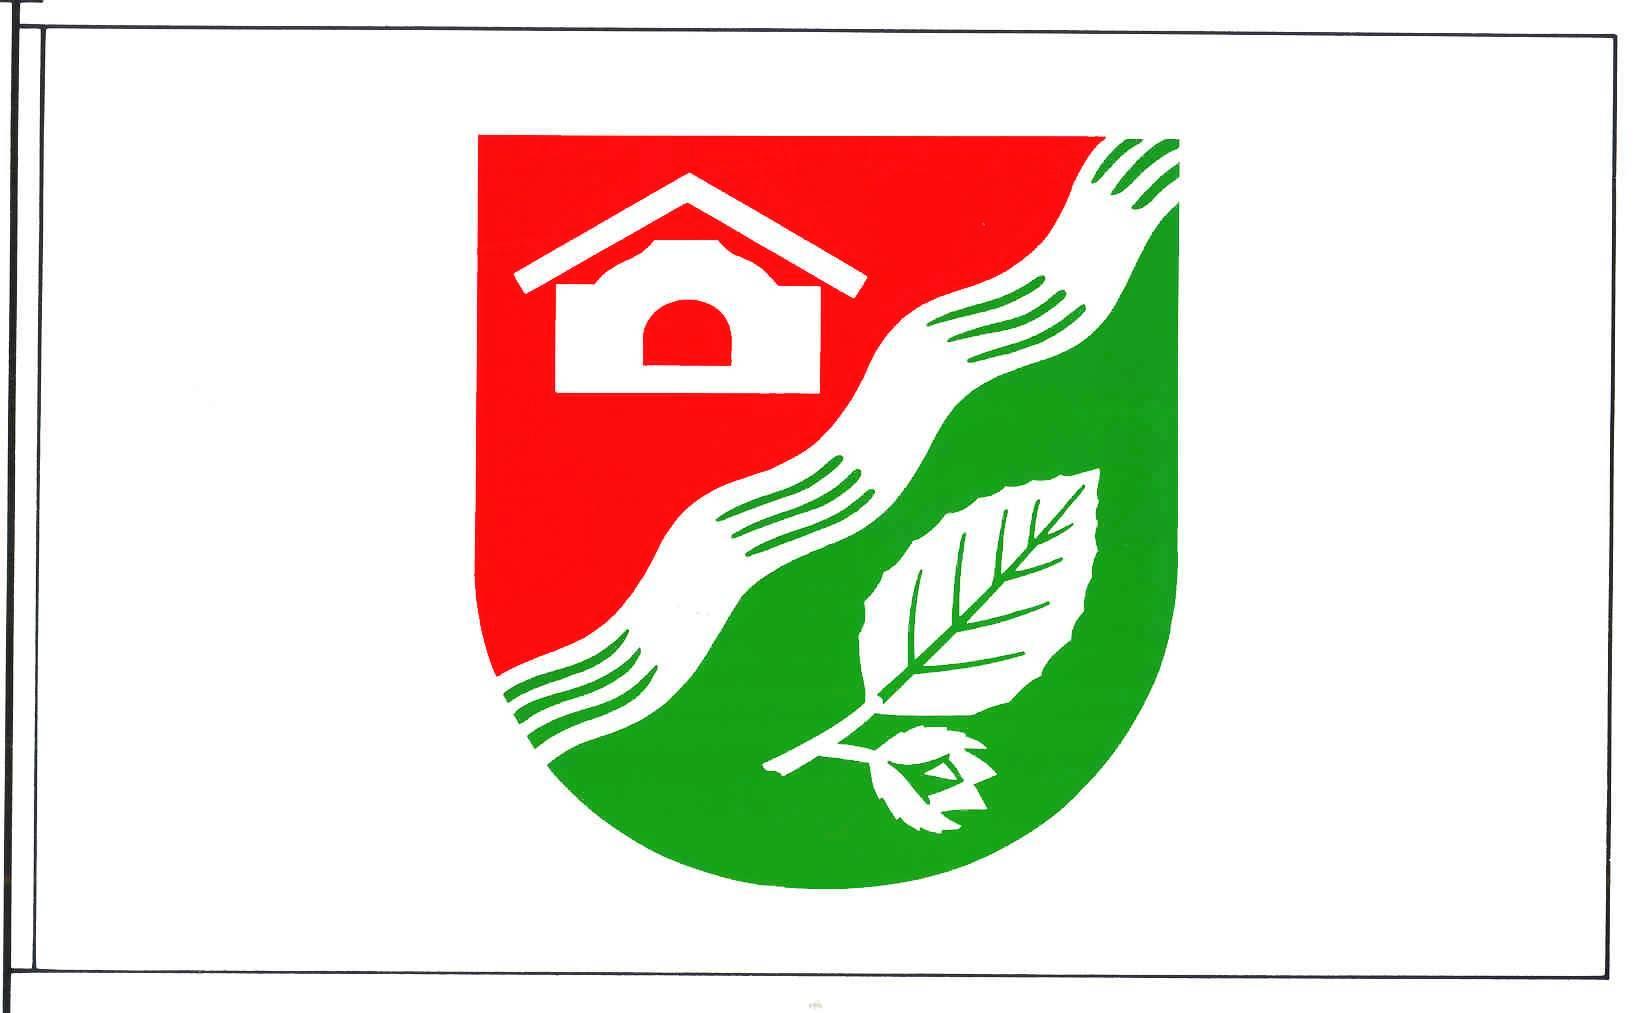 Flagge GemeindeStruvenhütten, Kreis Segeberg